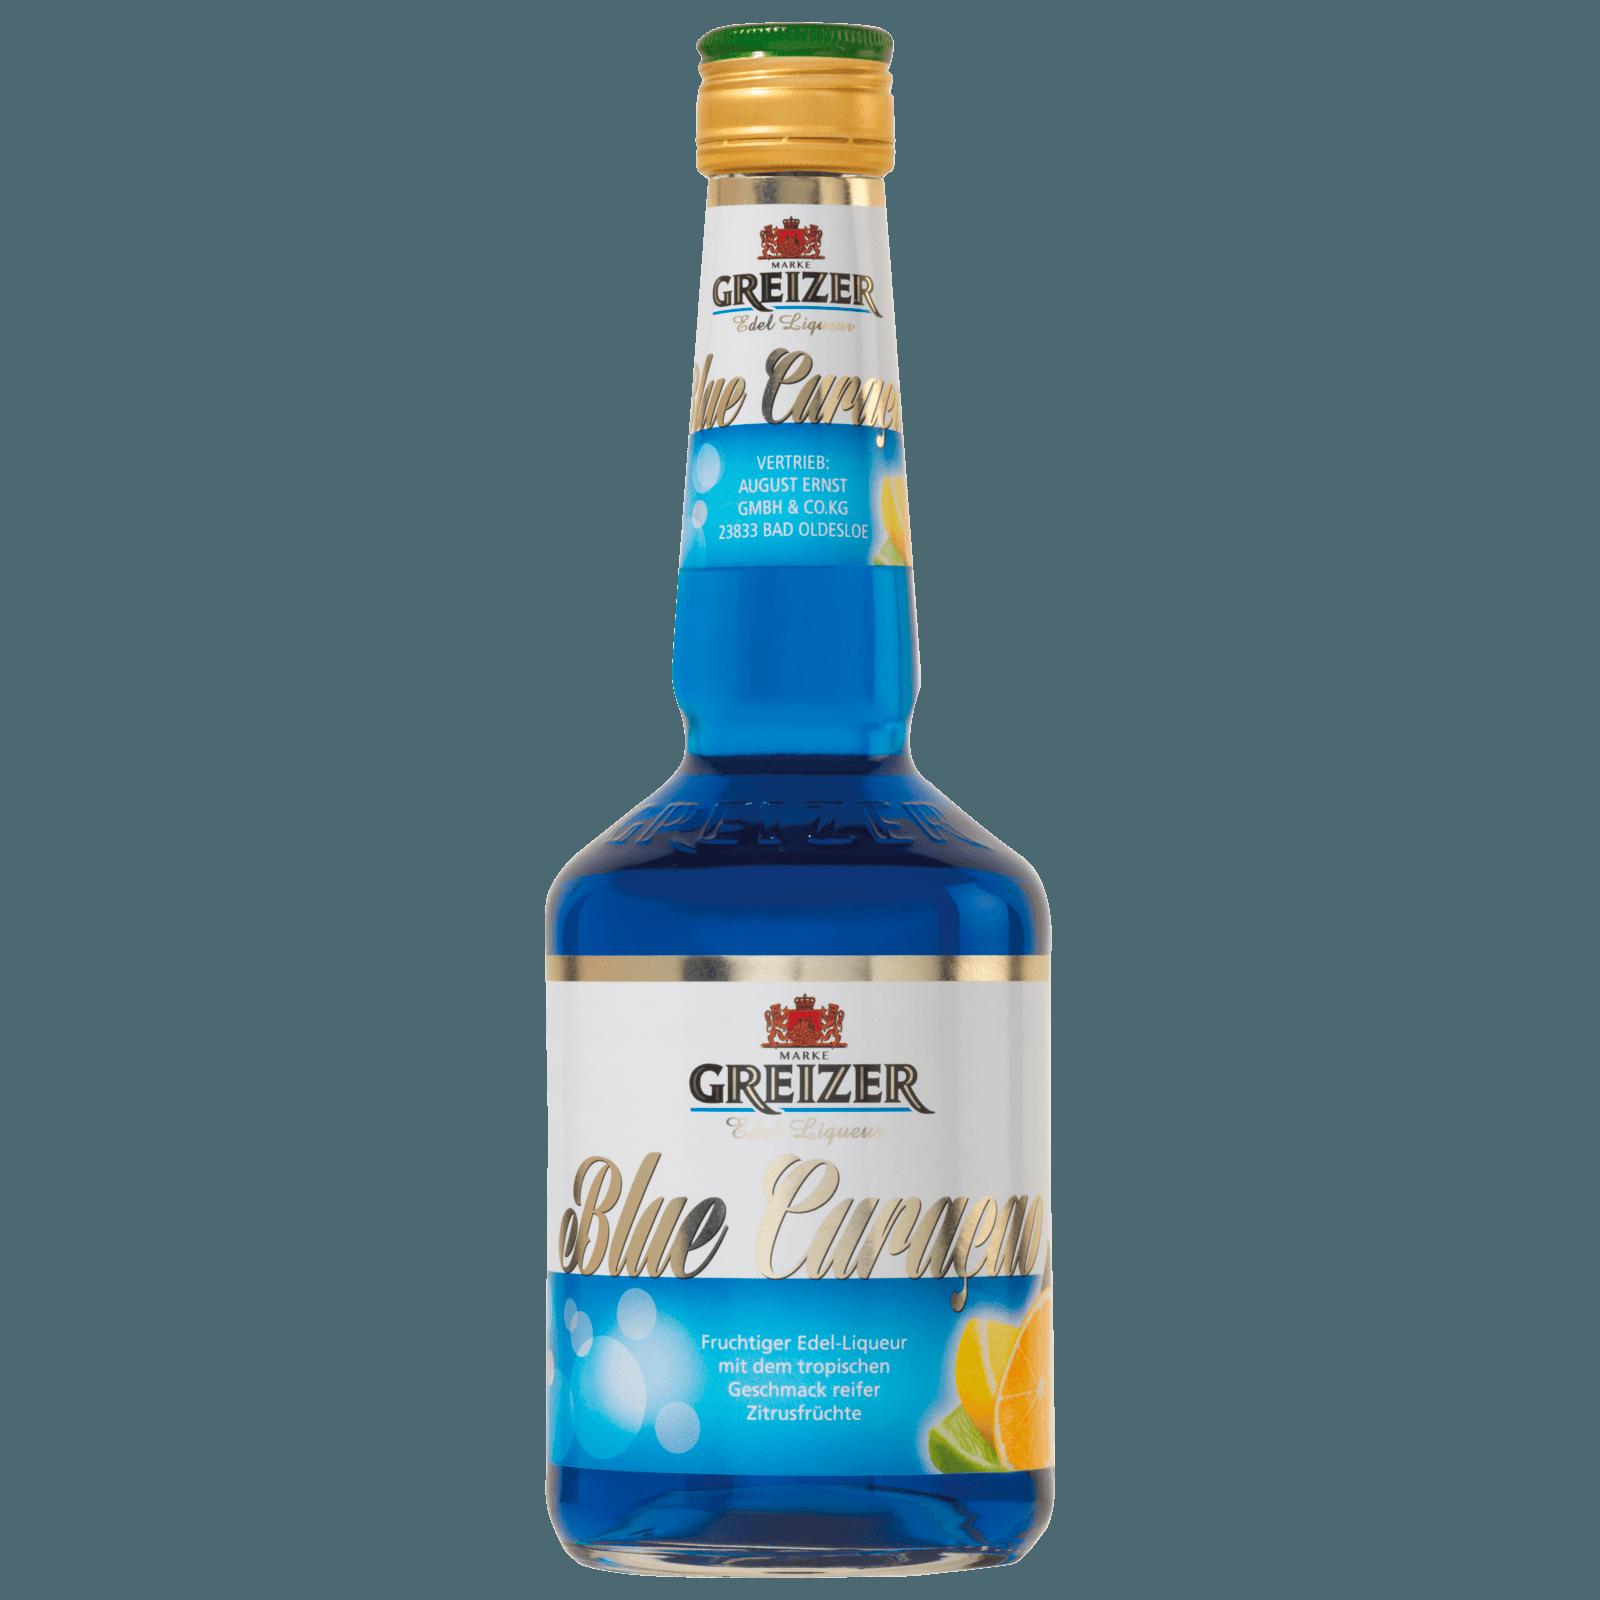 Greizer Blue Curacao 0,5l bei REWE online bestellen!